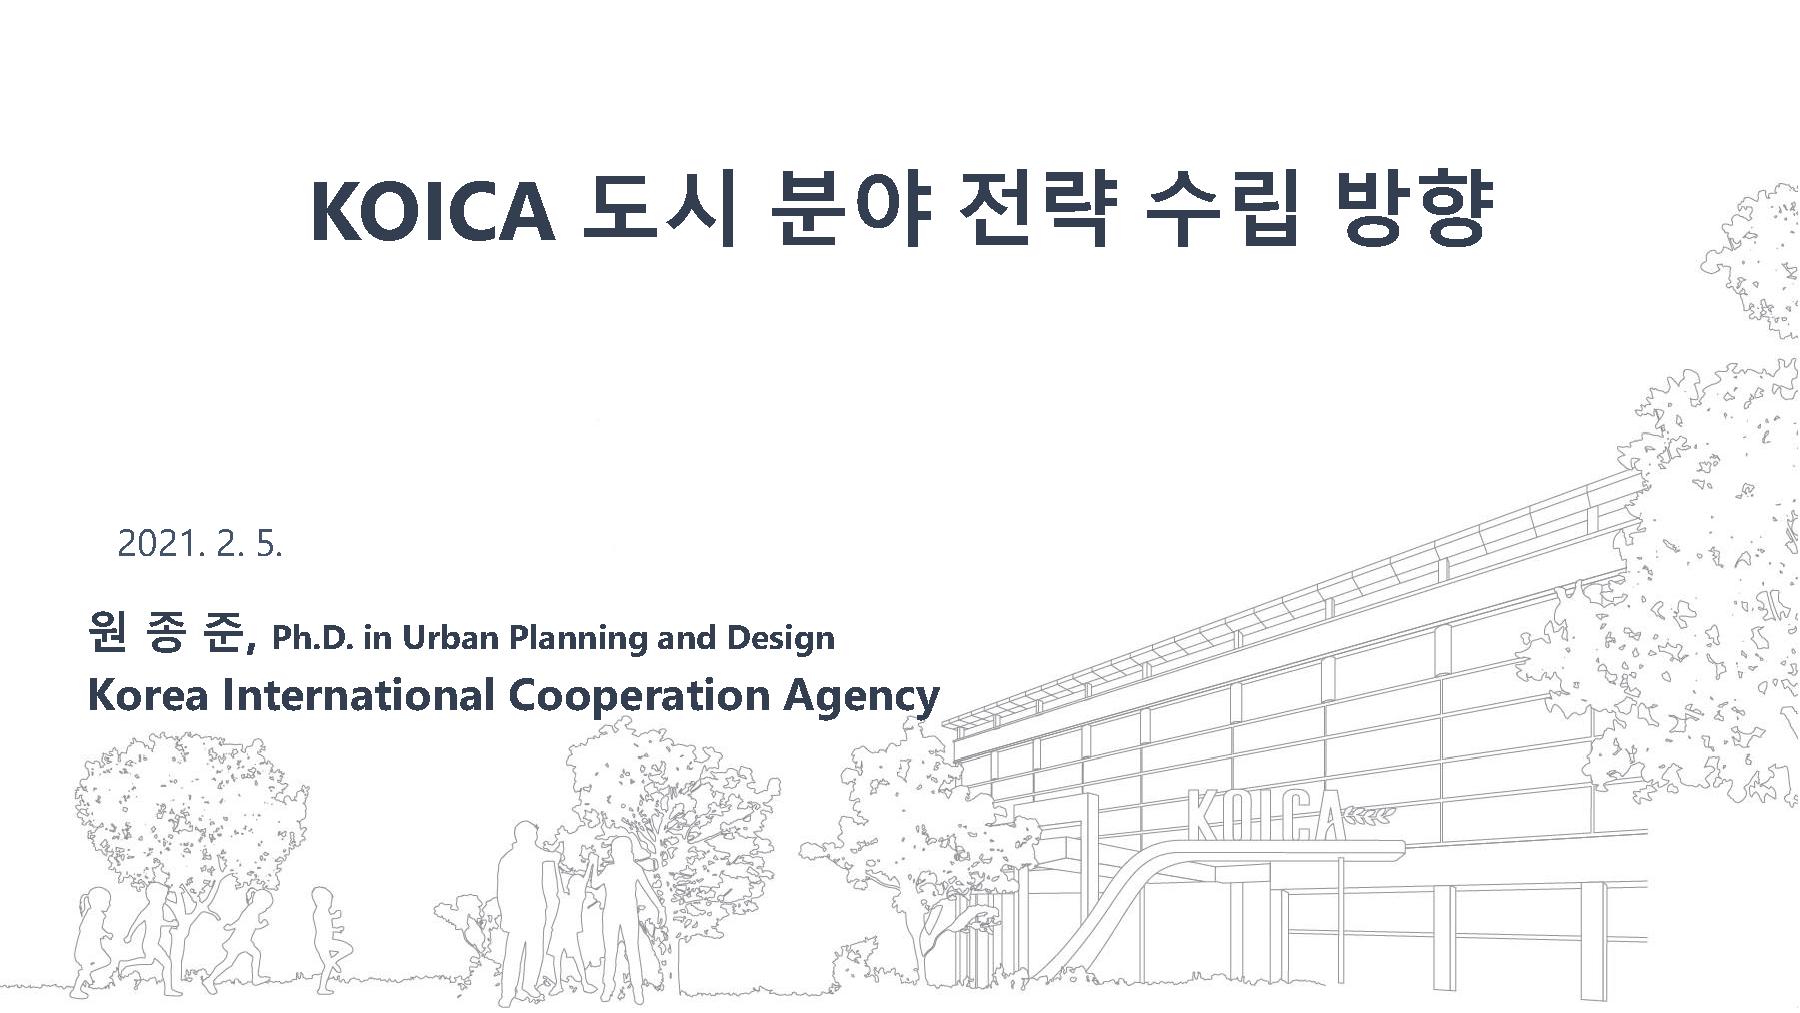 [2021 한국지역개발학회 동계학술대회 국토연구원 특별세션] KOICA 도시 분야 전략 수립 방향표지